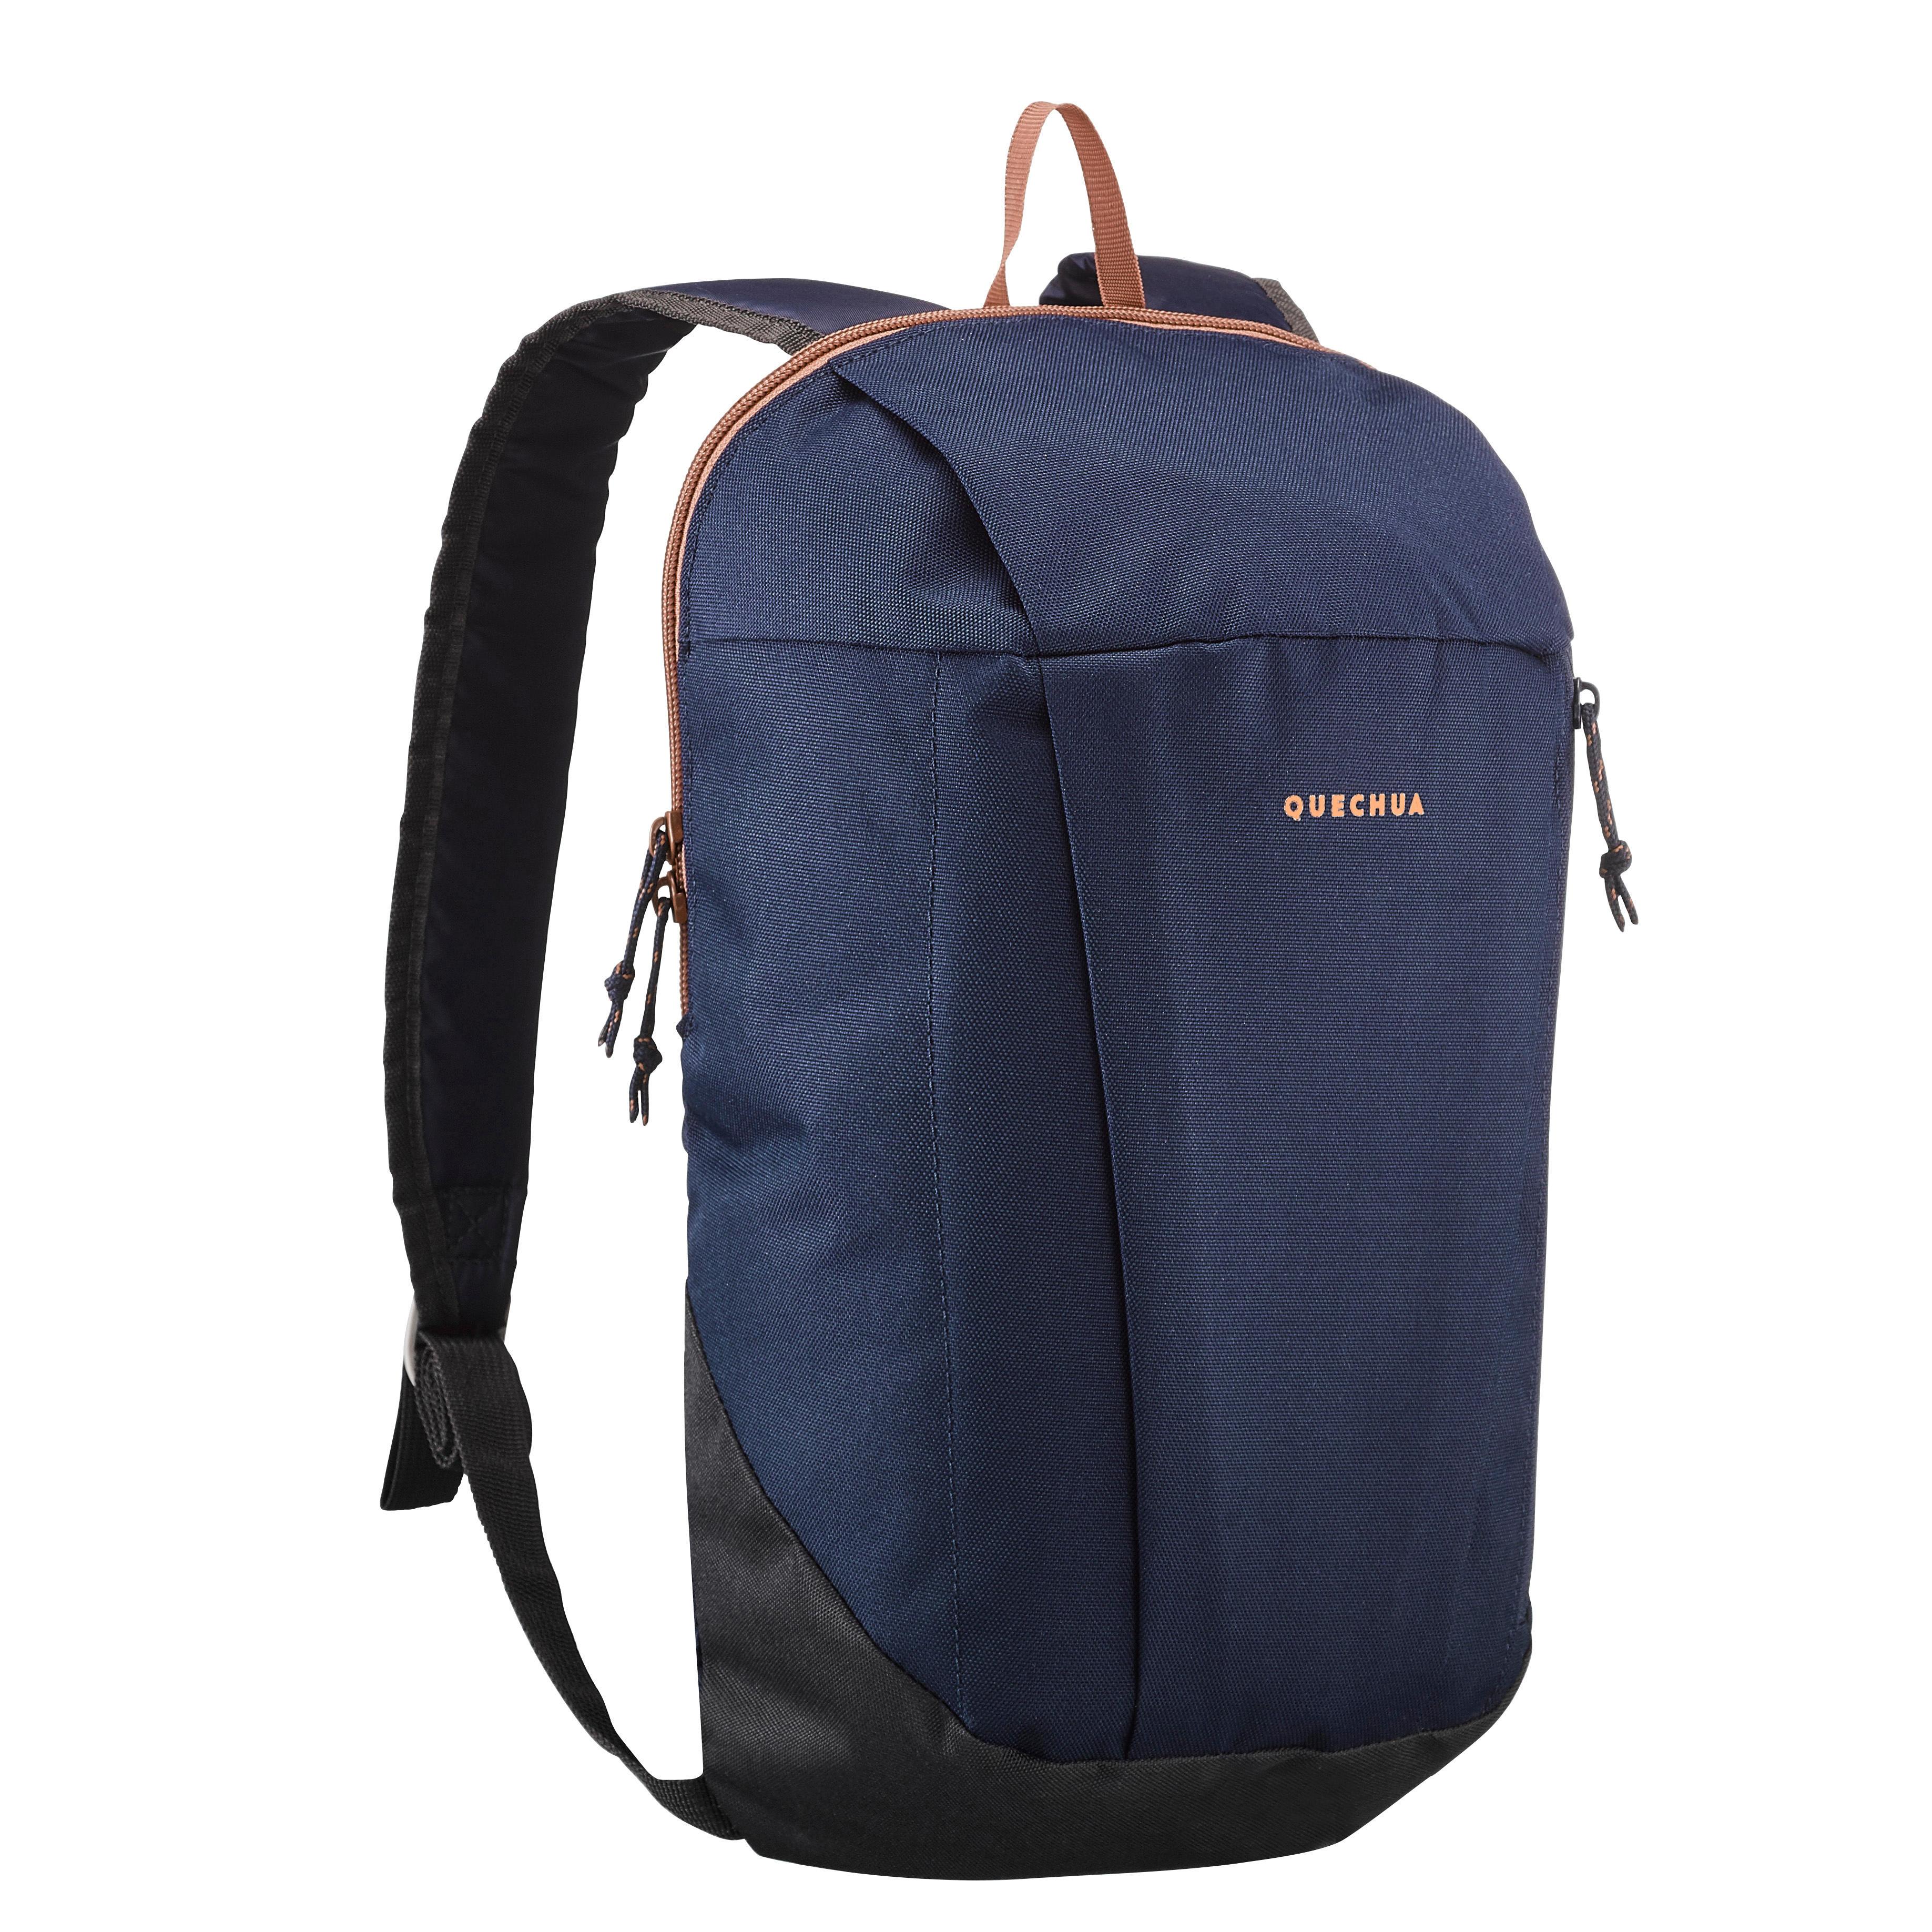 Quechua Wandelrugzak NH100 10 liter blauw kopen? Sport accessoires met voordeel vind je hier